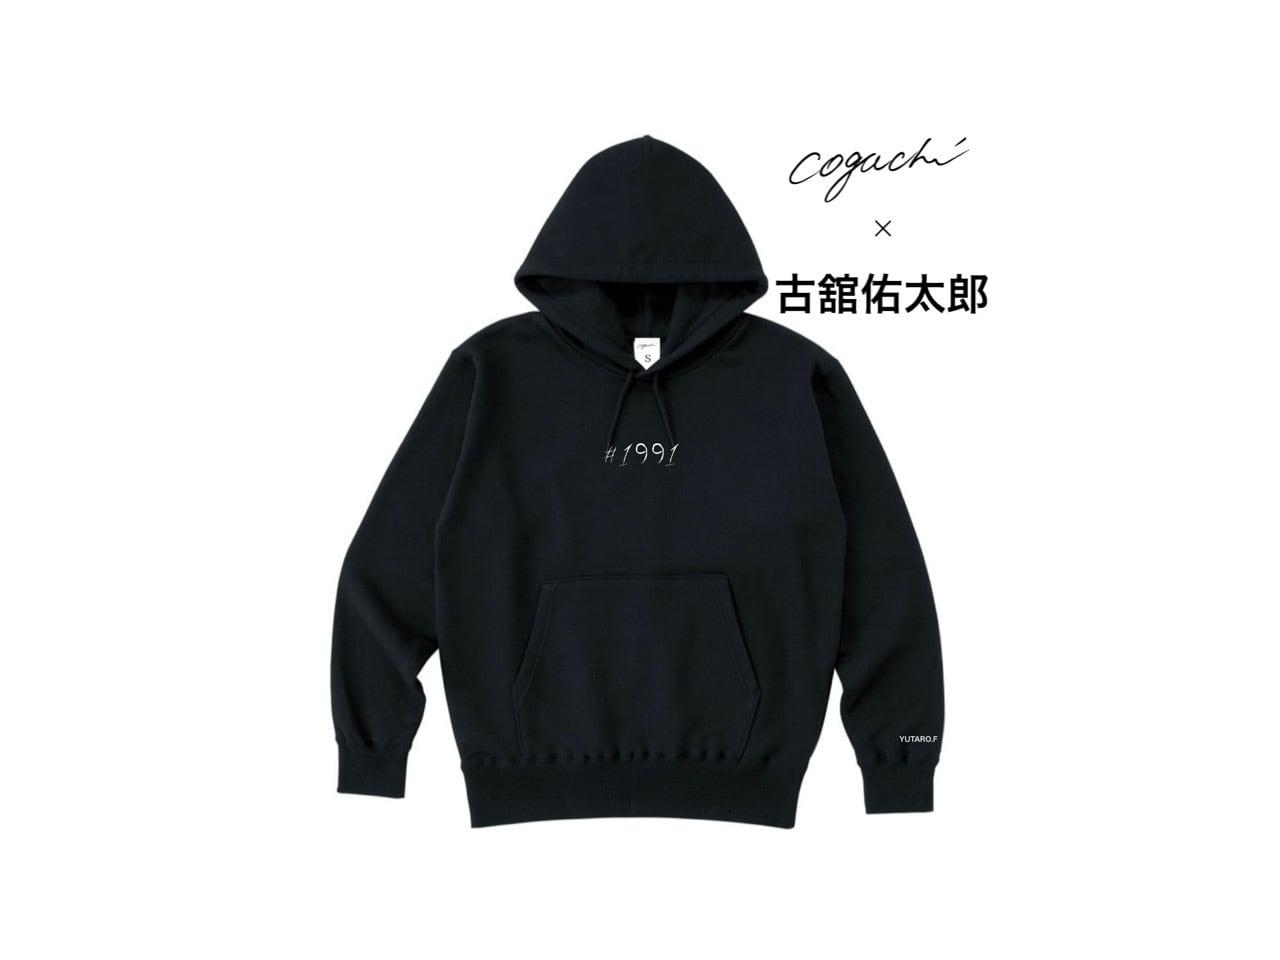 古舘佑太郎 Special Edition Collection 1991 hoodie (BLK/WH)